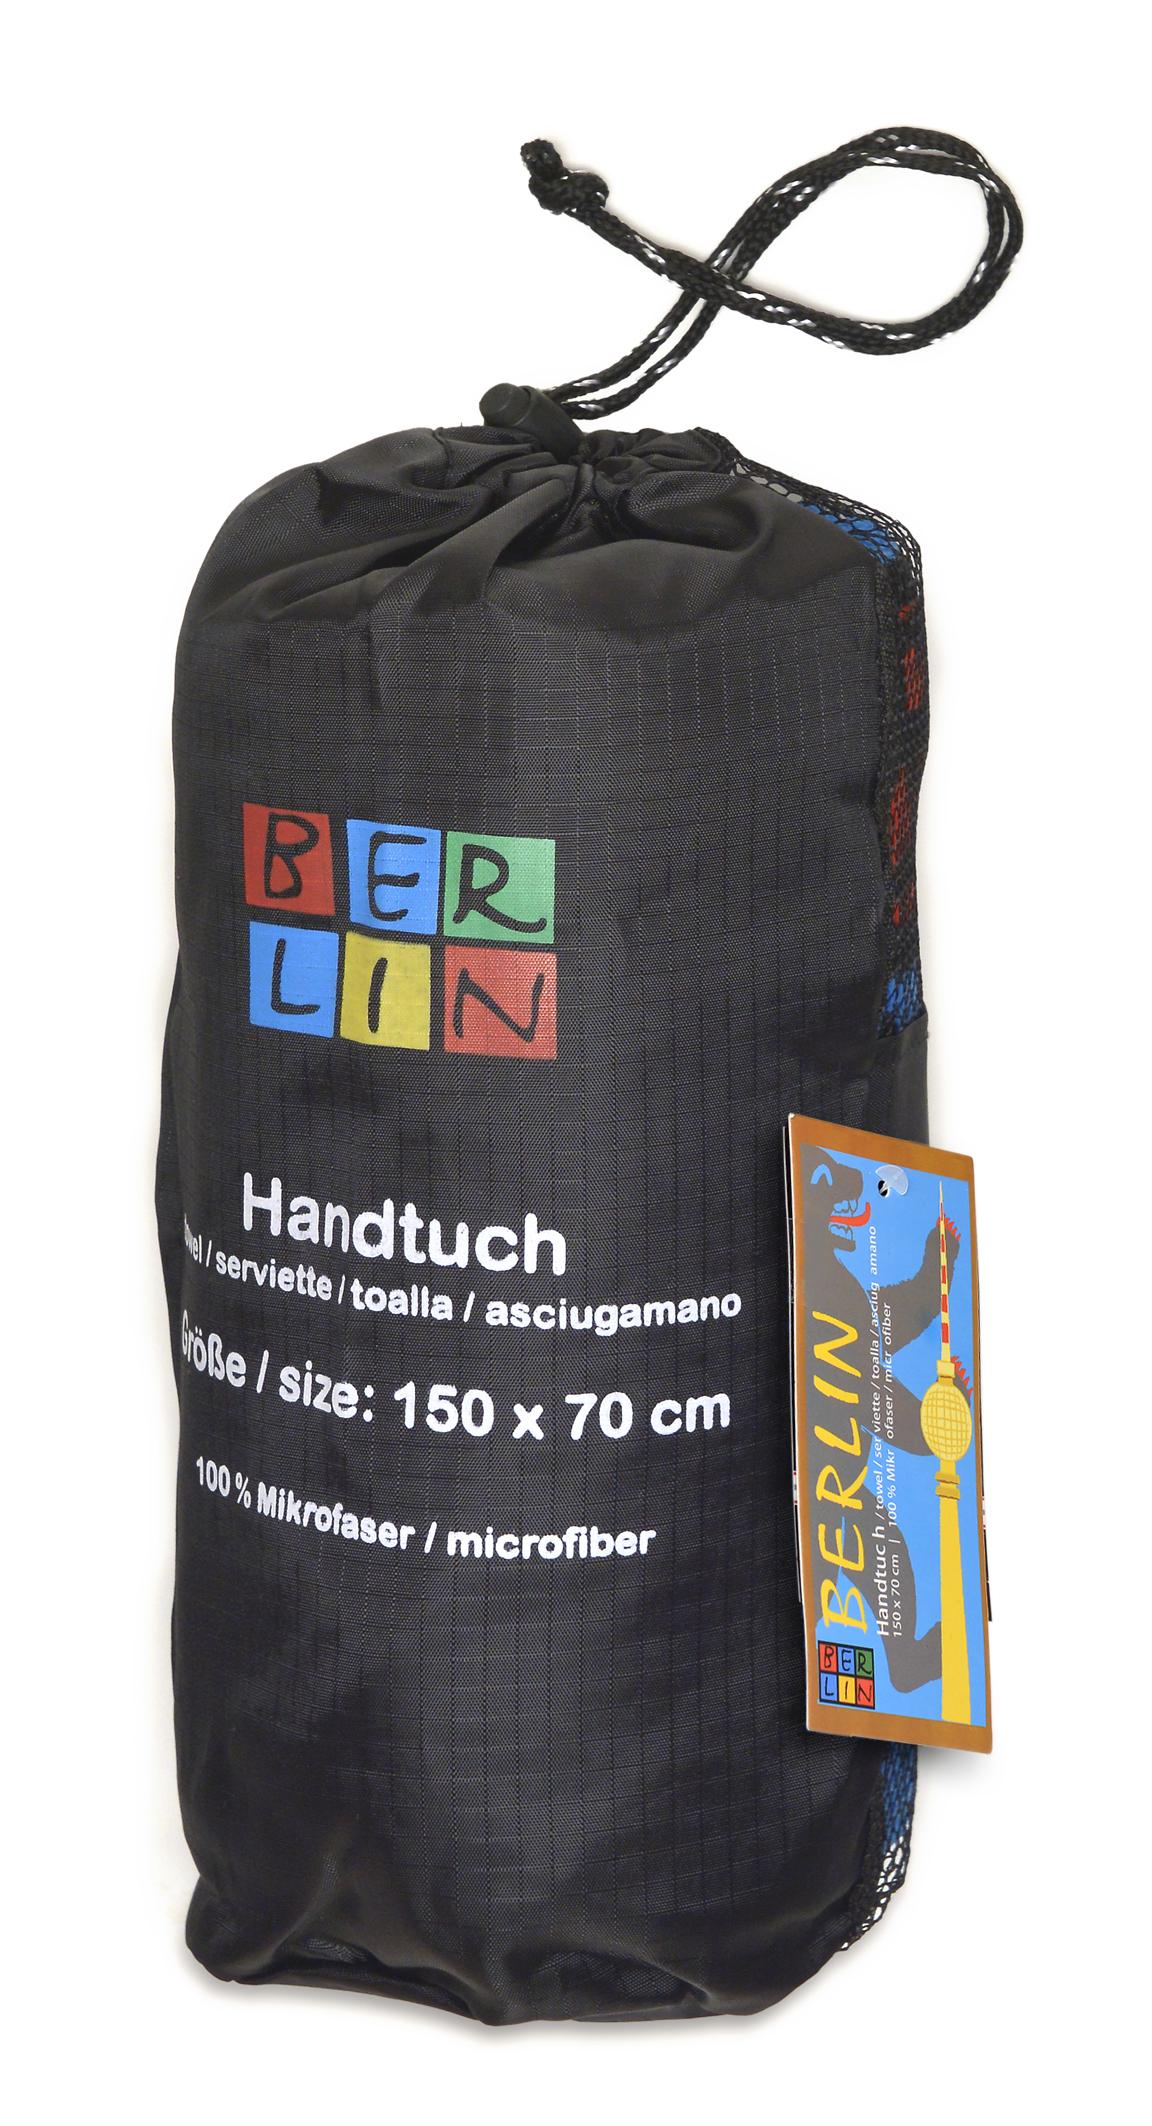 Handtuch BERLIN Bär / TV-Turm